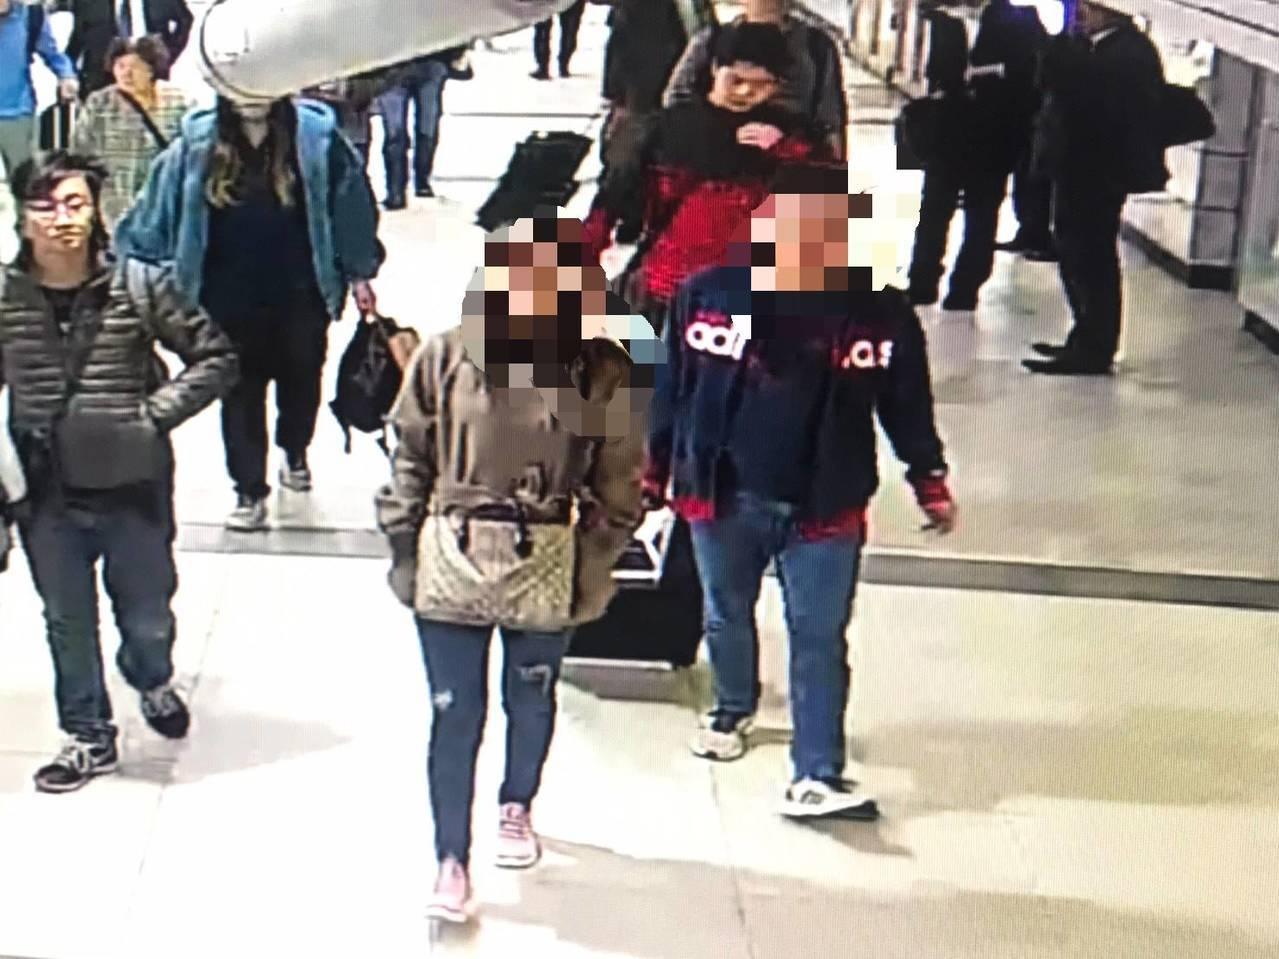 陳姓男子及女友日前逃竄至台北,在台北火車站身影曝了光,警方也很快掌握其行動模式。...